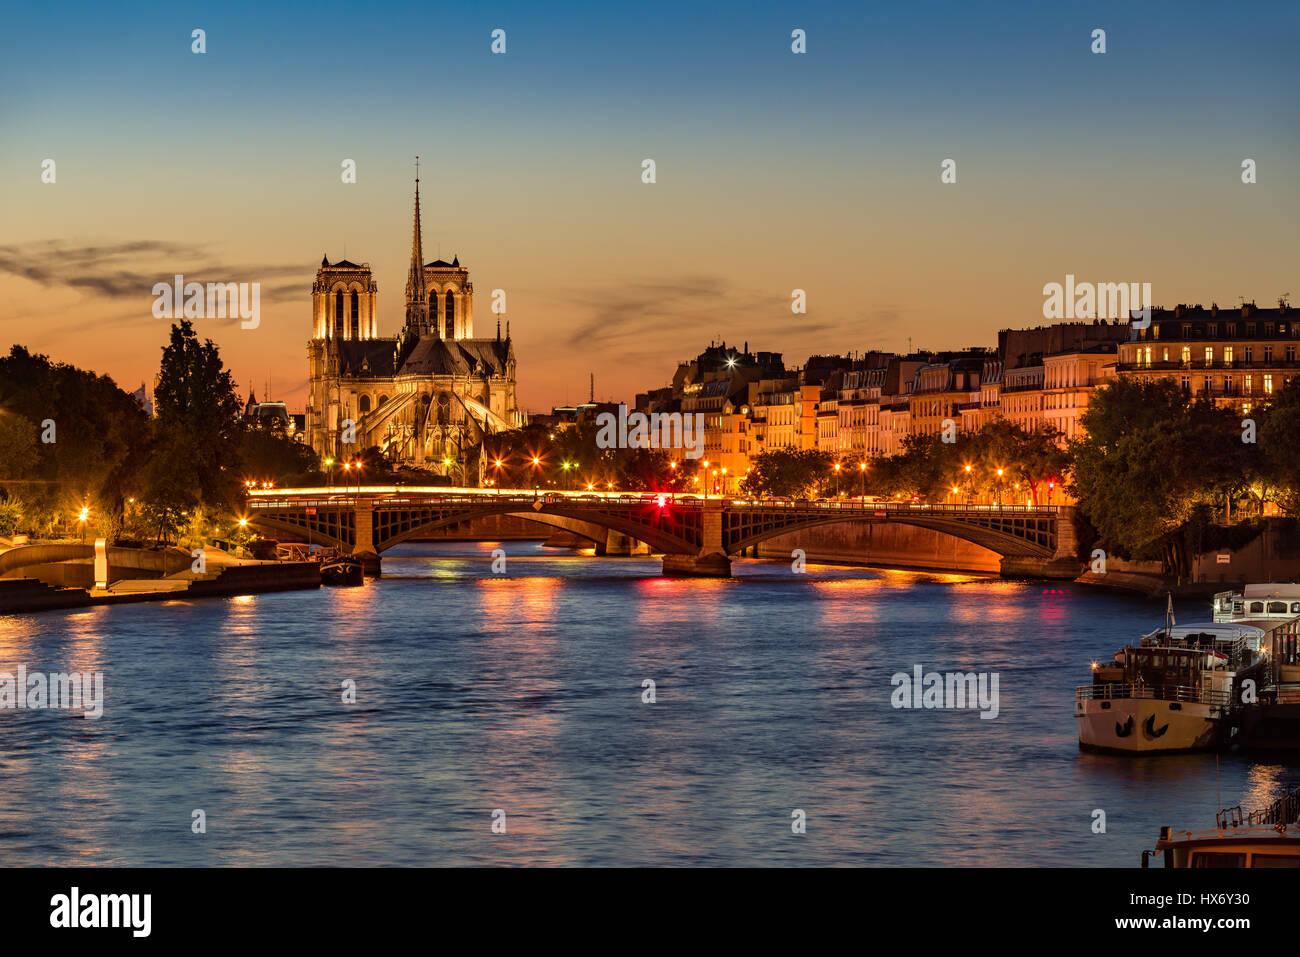 La Cathédrale Notre Dame de Paris, Seine et l'Ile Saint Louis au crépuscule. Soirée d'été Photo Stock